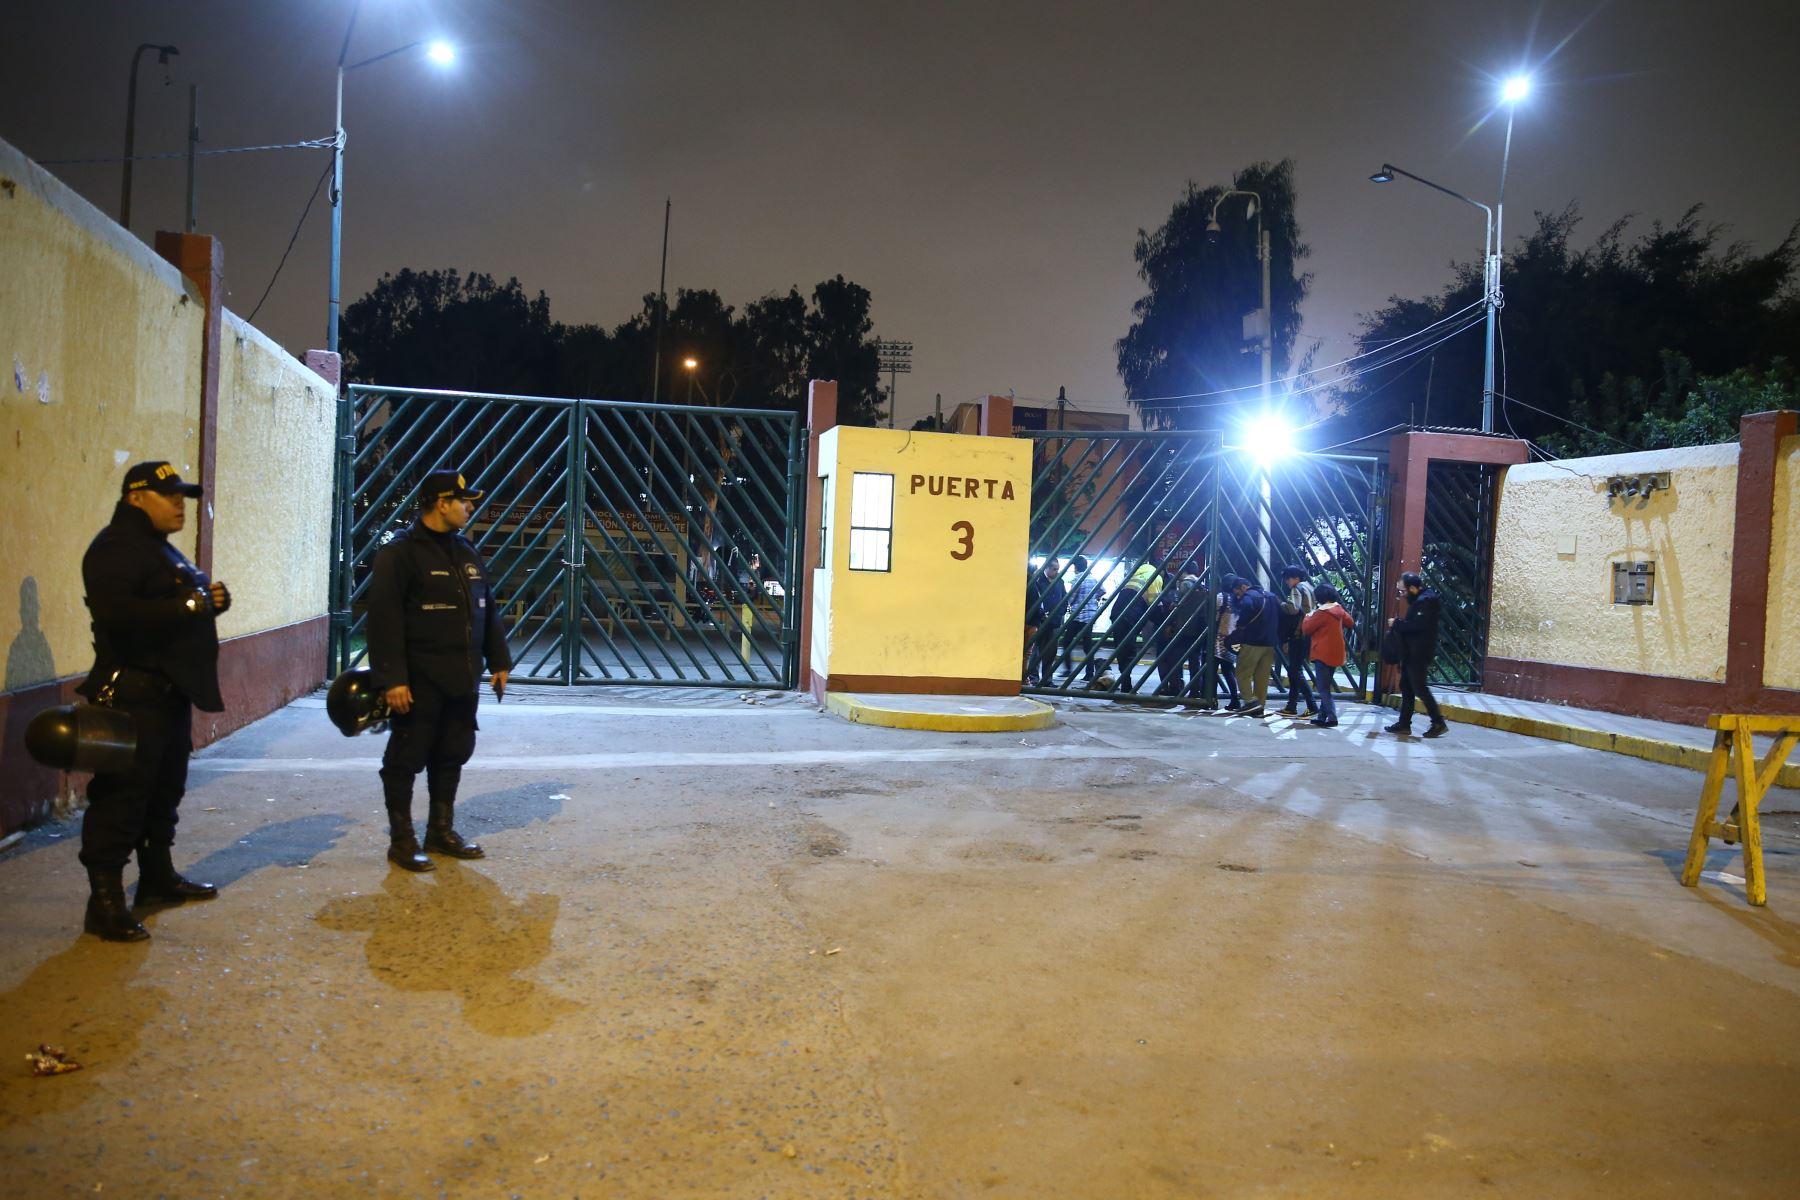 Puerta Nº3 de la ciudad universitaria de San Marcos, donde se produjeron los incidentes de esta noche (Archivo). ANDINA/Vidal Tarqui